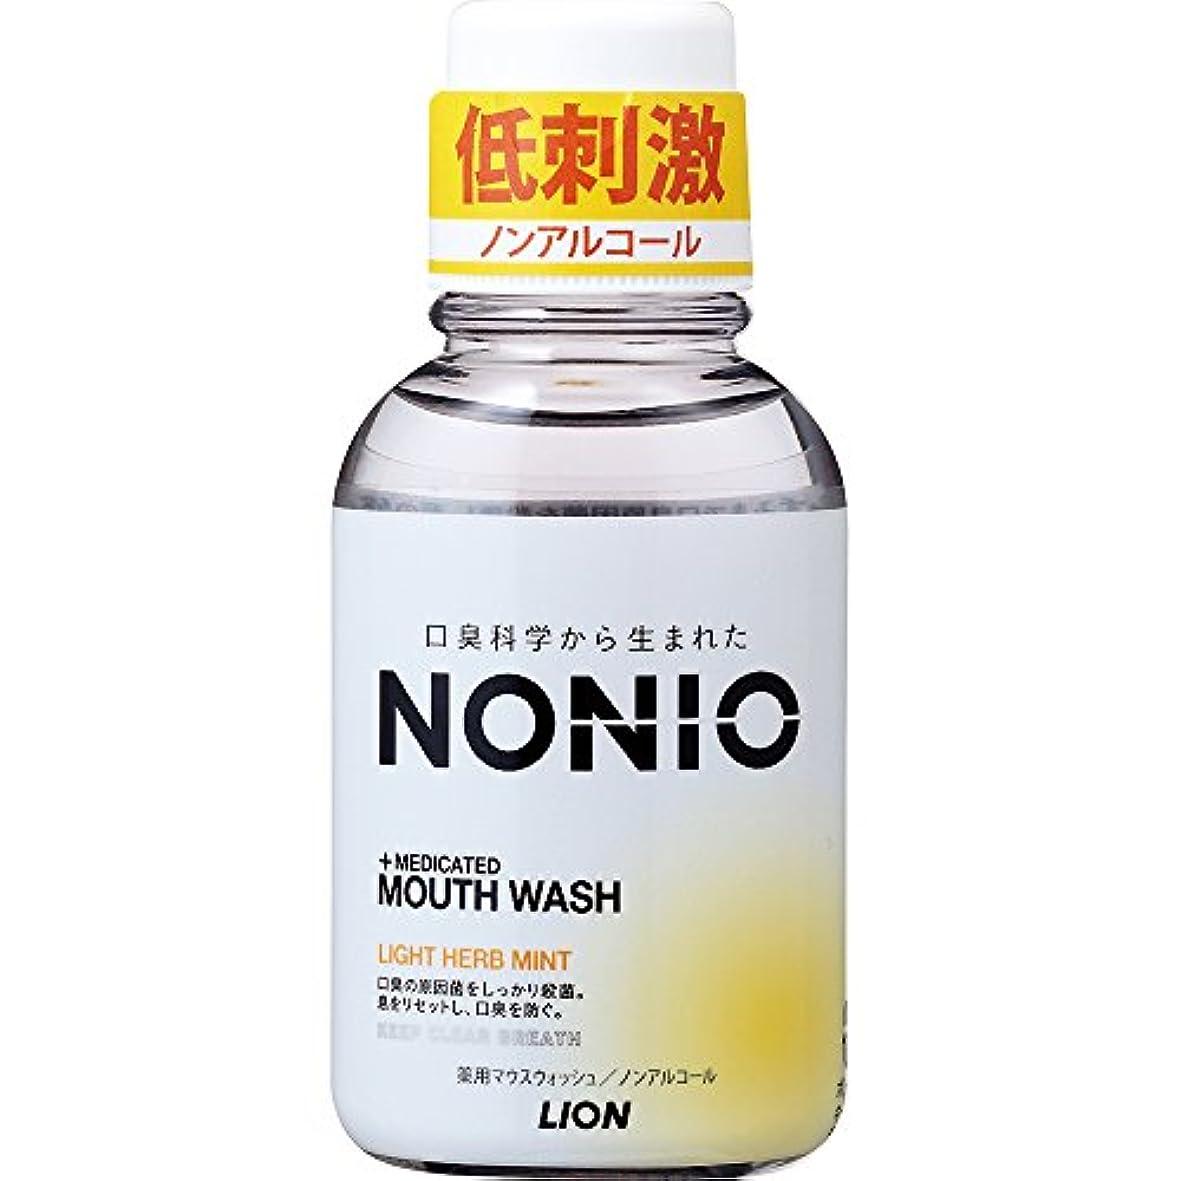 インフレーションしみ吸収NONIO マウスウォッシュ ノンアルコール ライトハーブミント 80ml 洗口液 (医薬部外品)